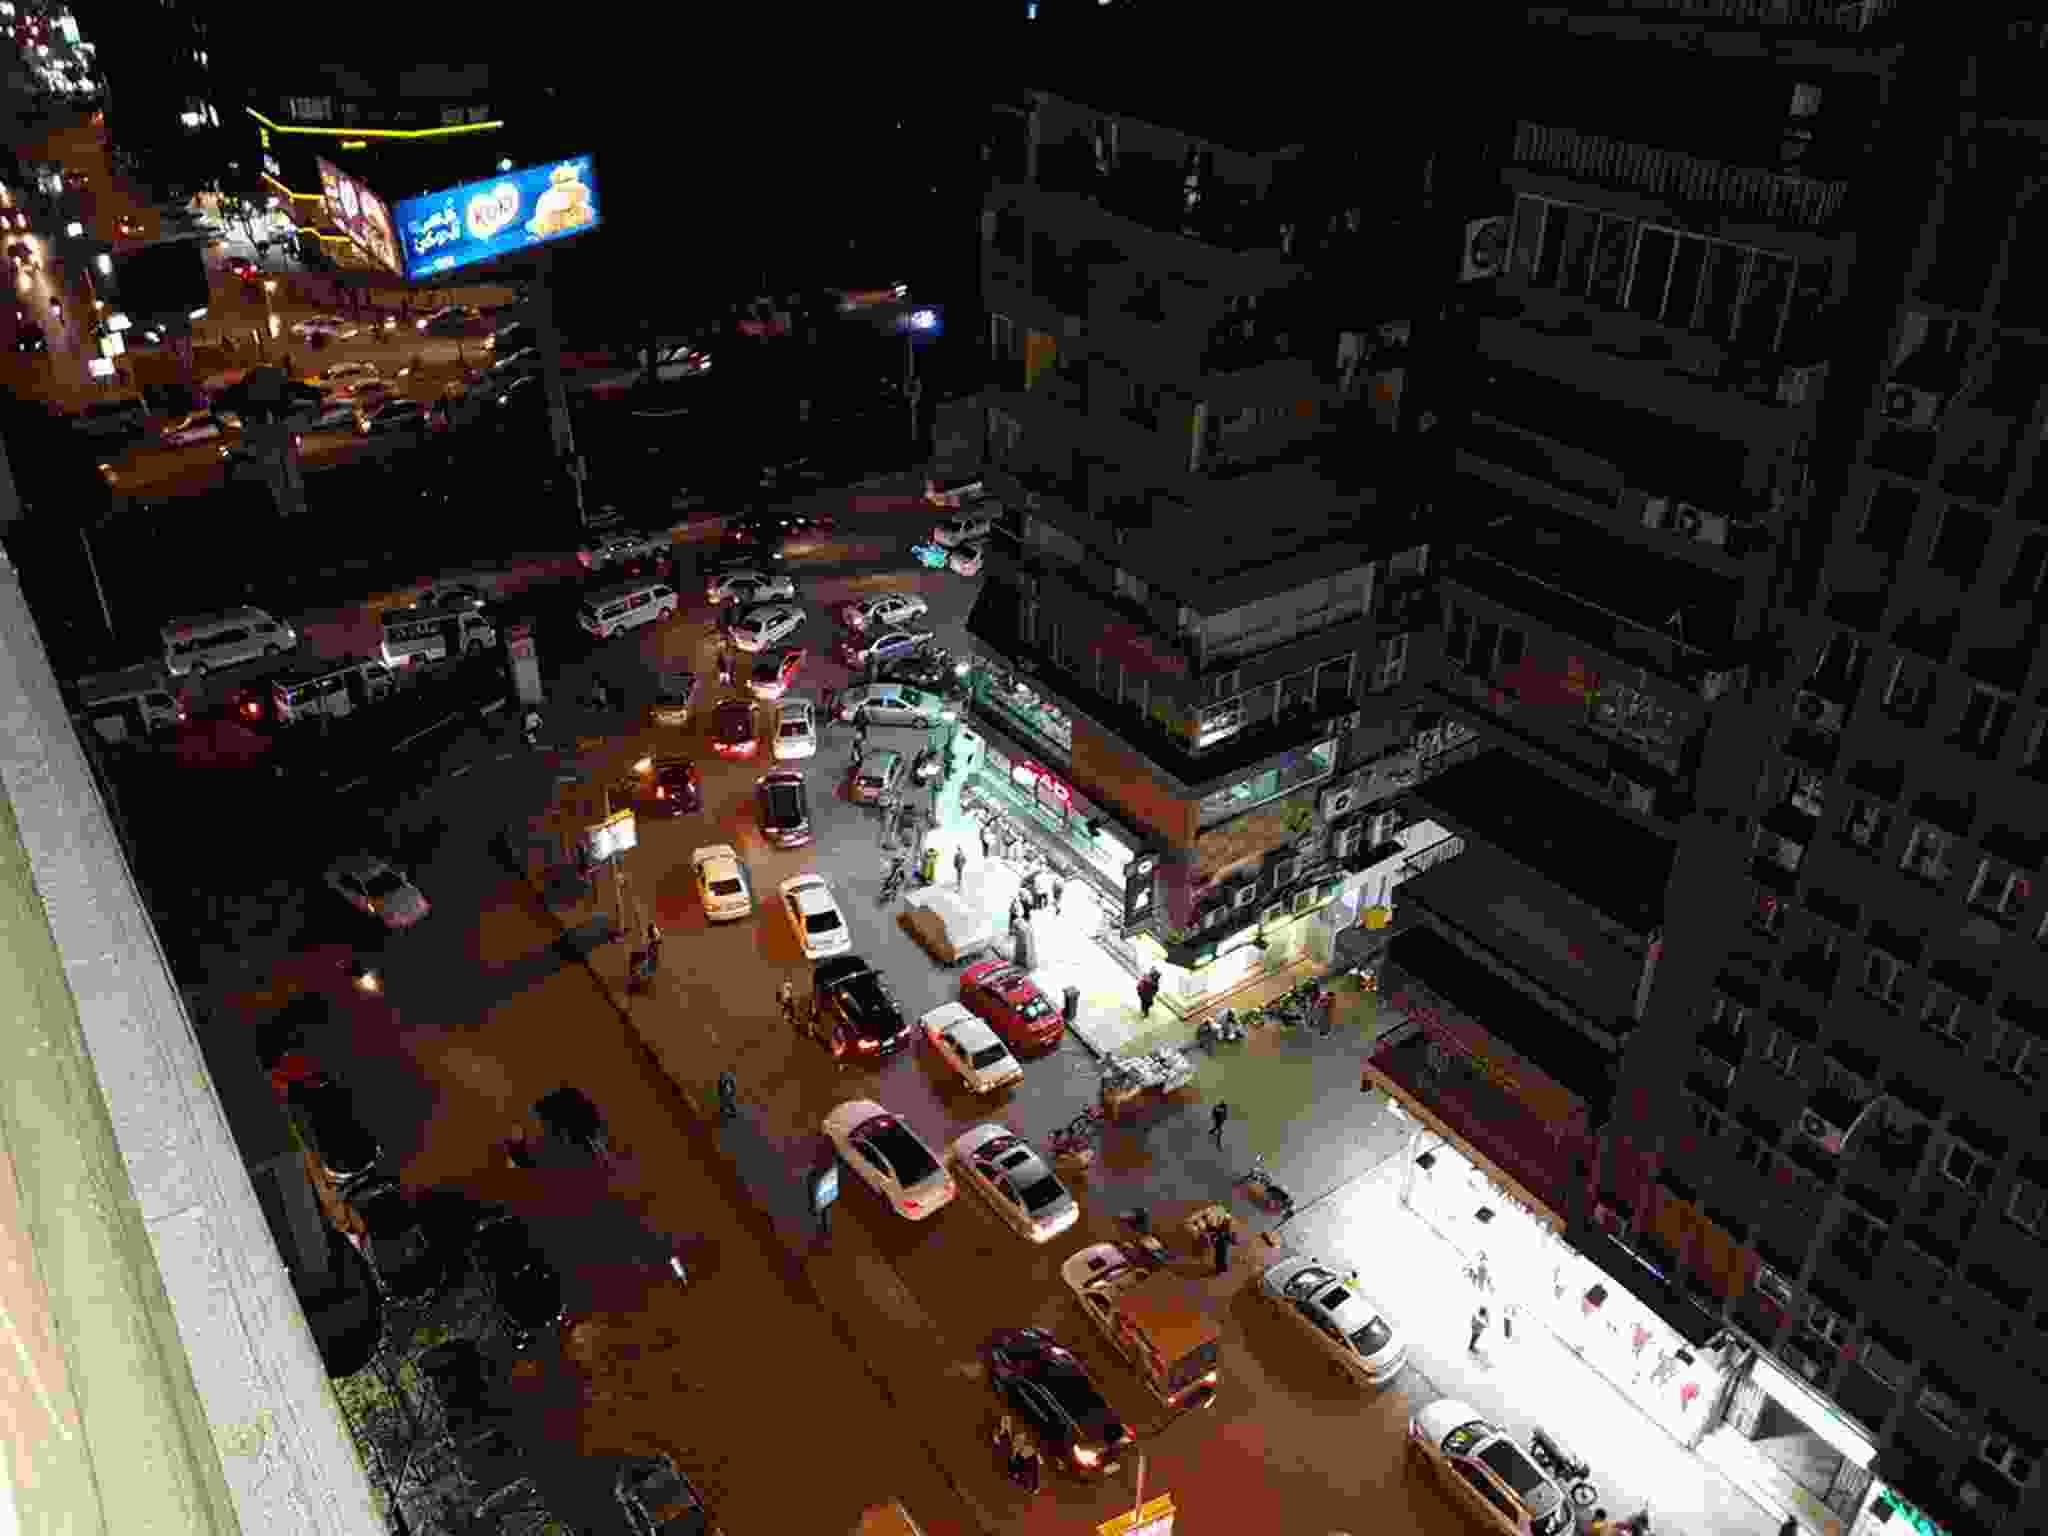 أفضل أماكن لتقسيط الشقق في القاهرة - شارع شهاب